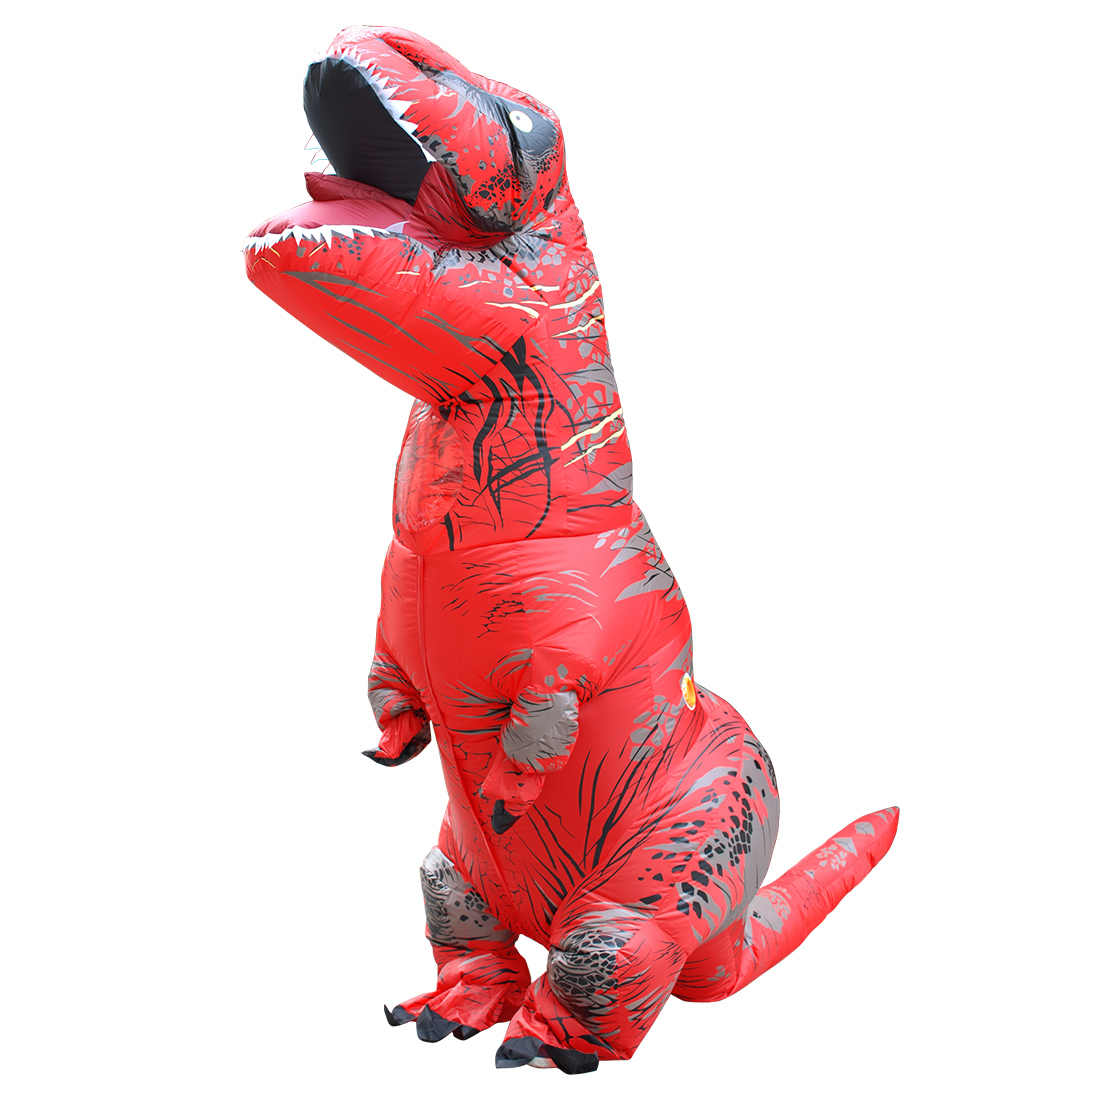 Cartoon Erwachsene Kinder Dinosaurier Aufblasbare Kostüme Phantasie Halloween Cosplay Partei Kostüm Purim Fantasie Karneval T-Rex Dino Anzug